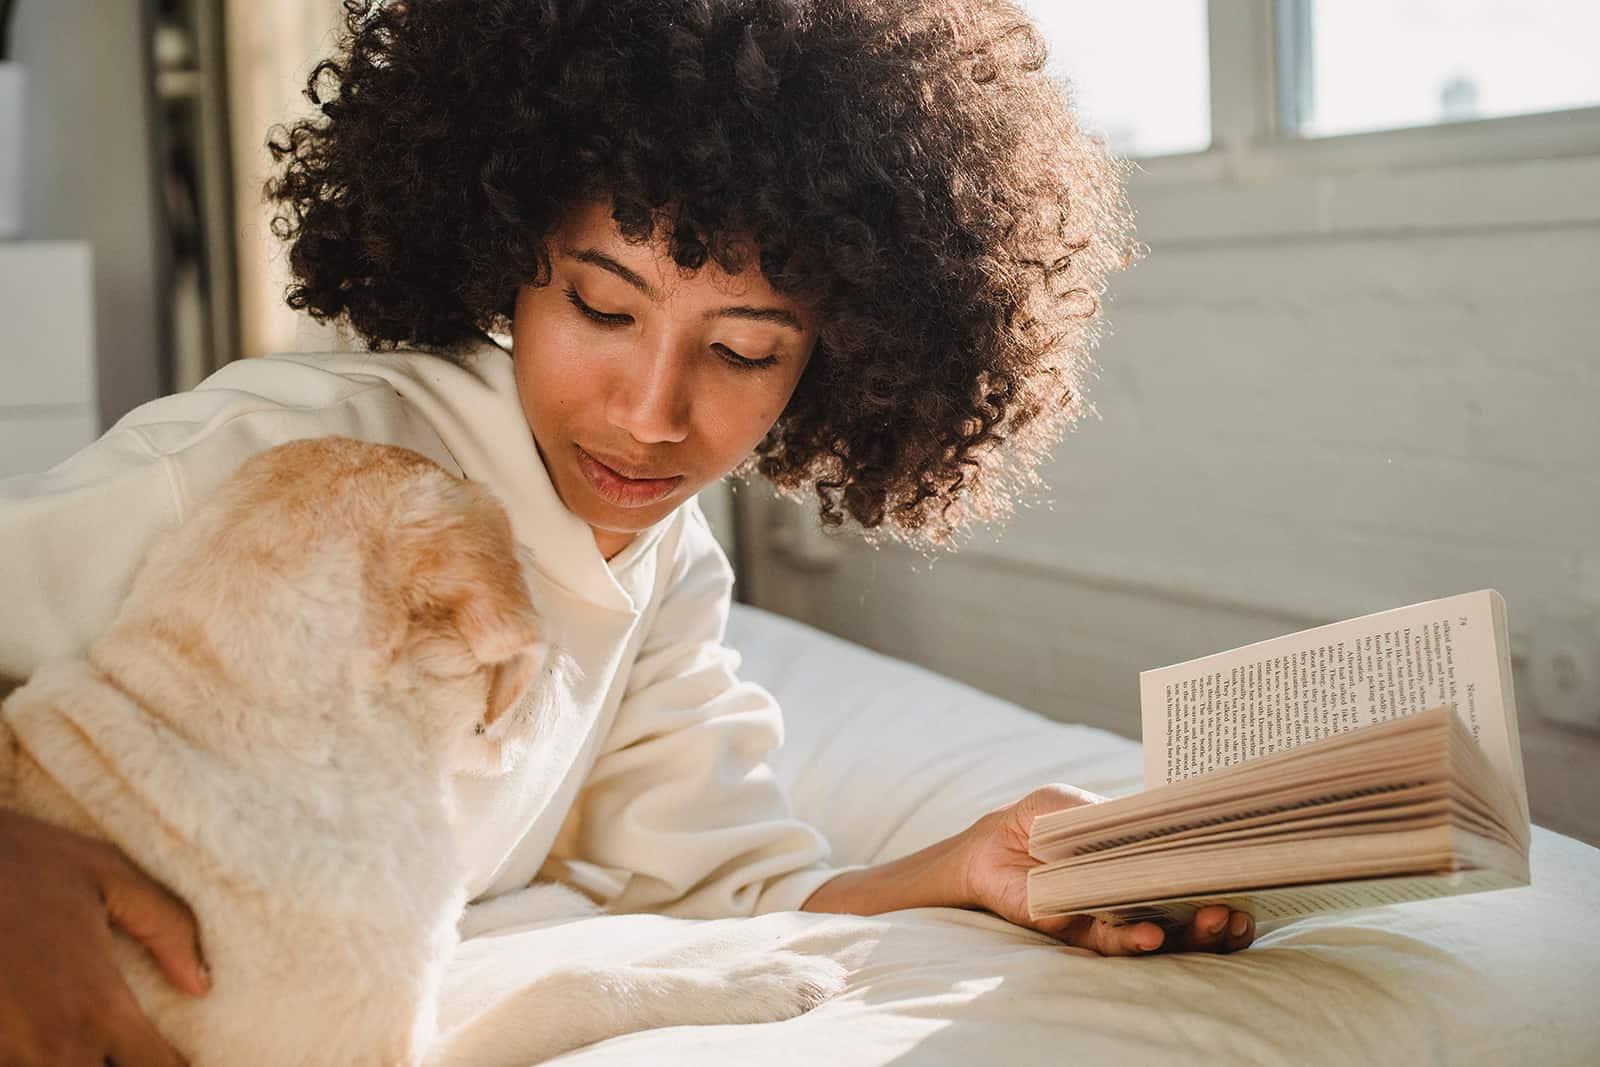 Eine Frau, die einen Hund streichelt, während sie ein Buch liest und auf einem Bett liegt